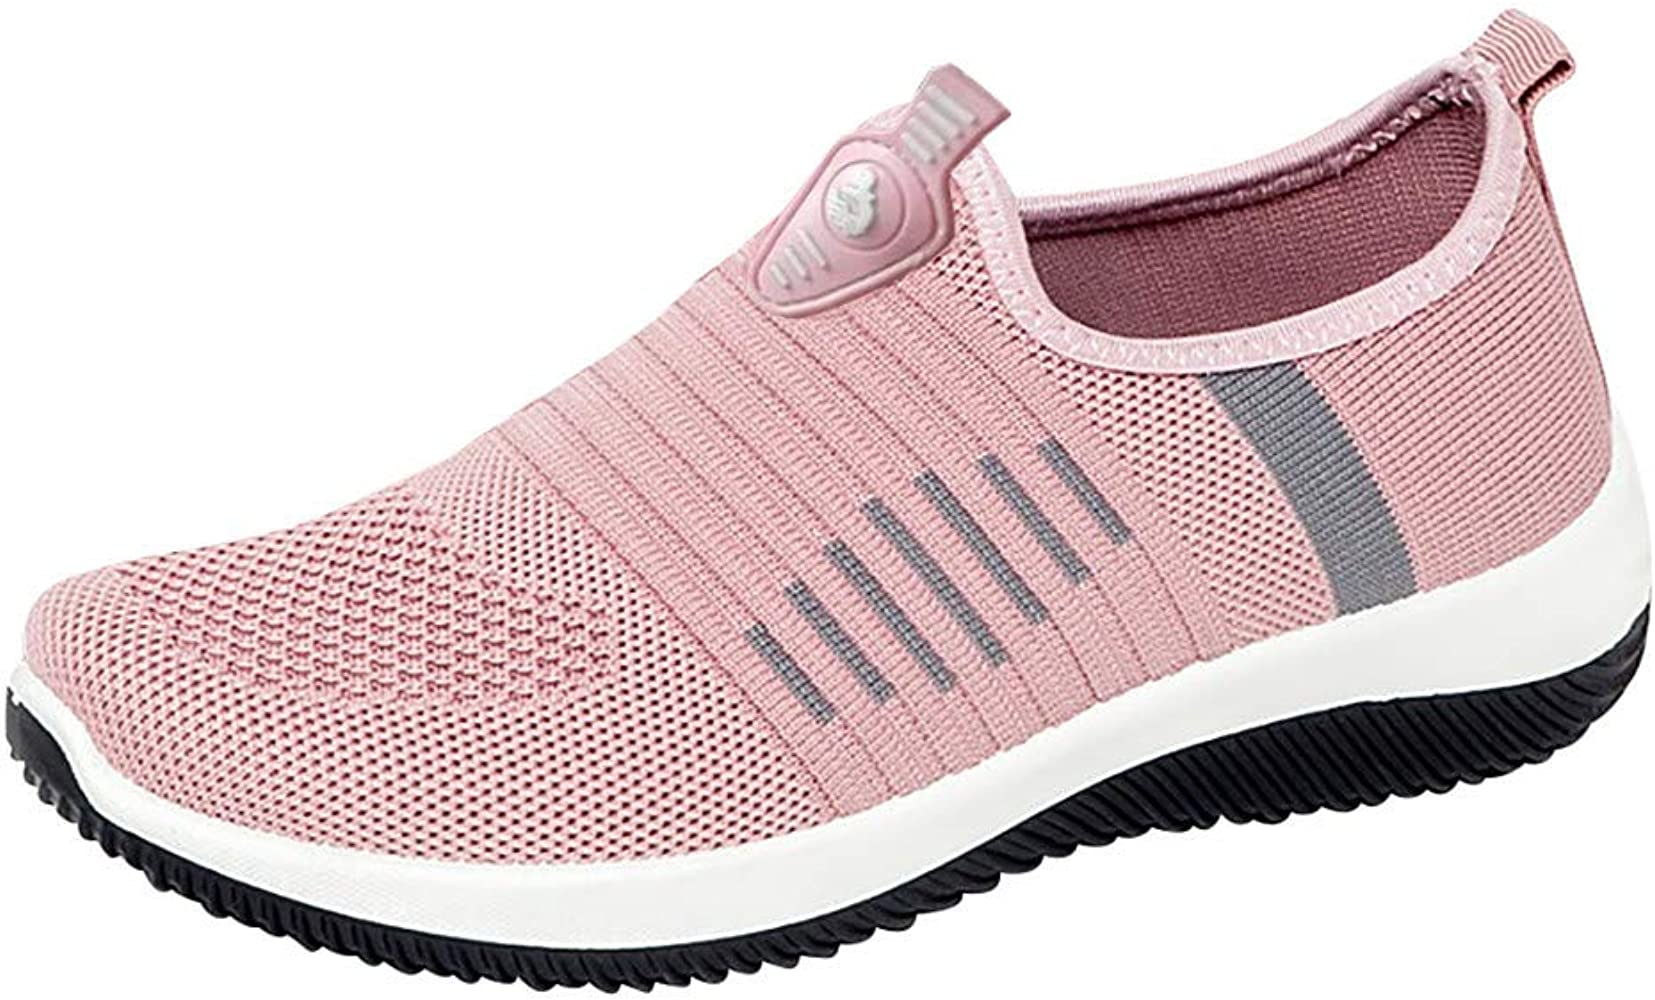 Elecenty Color sólido Zapatos Planos de Mujer Malla Estudiantes Transpirable Zapatillas de Deporte Running Casual Sneaker Botas Calzado Deportivo: Amazon.es: Ropa y accesorios